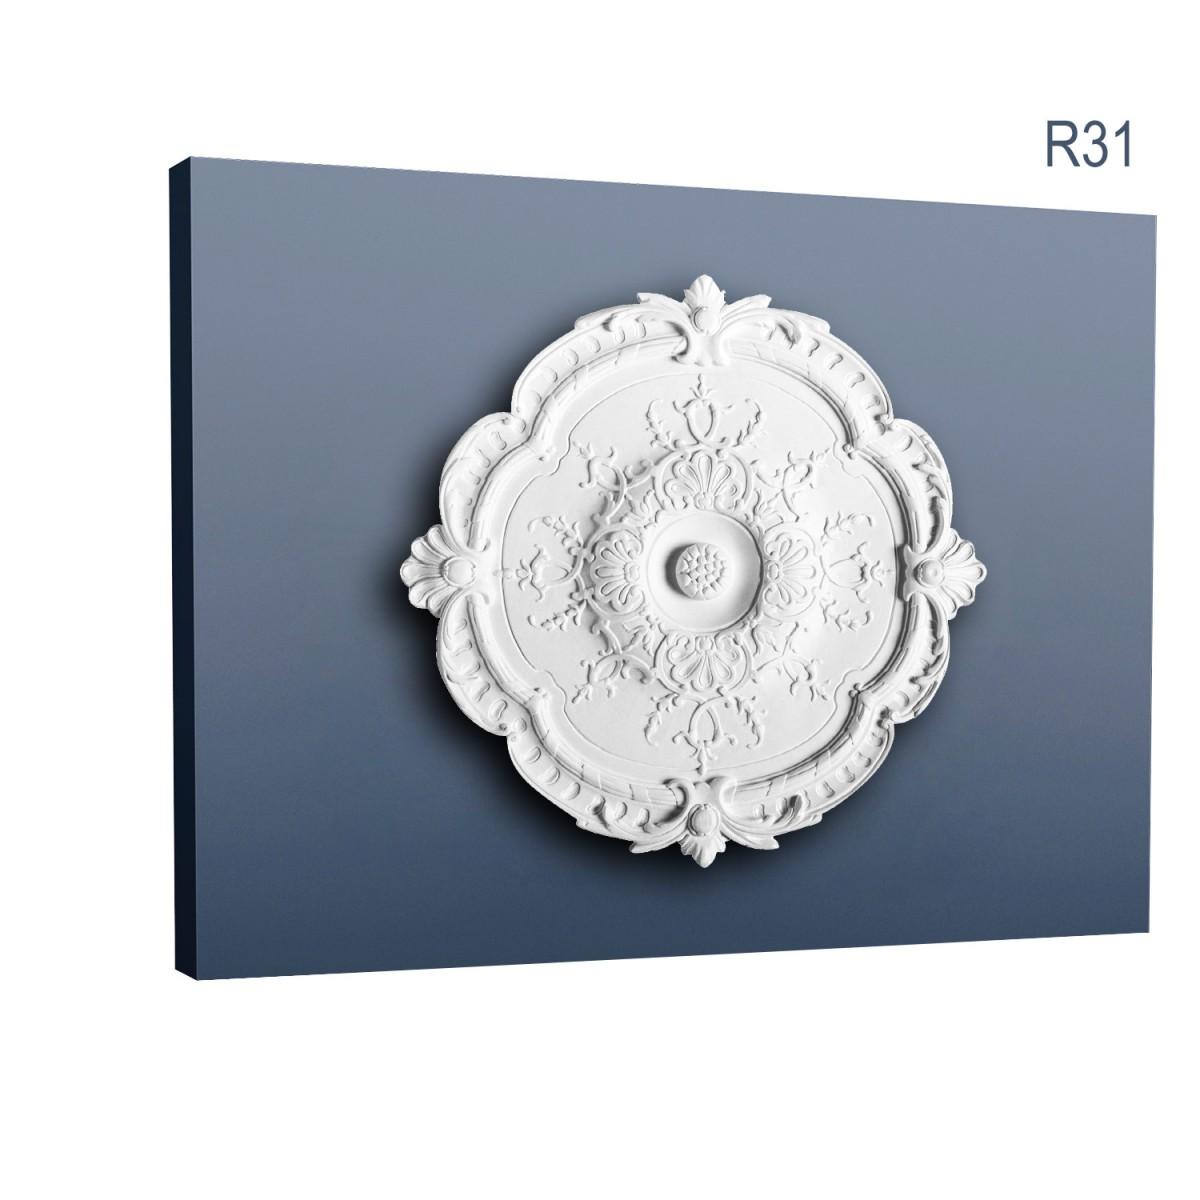 Rozeta Luxxus R31, Dimensiuni: diam. 38,5 cm (H: 2,7 cm), Orac Decor